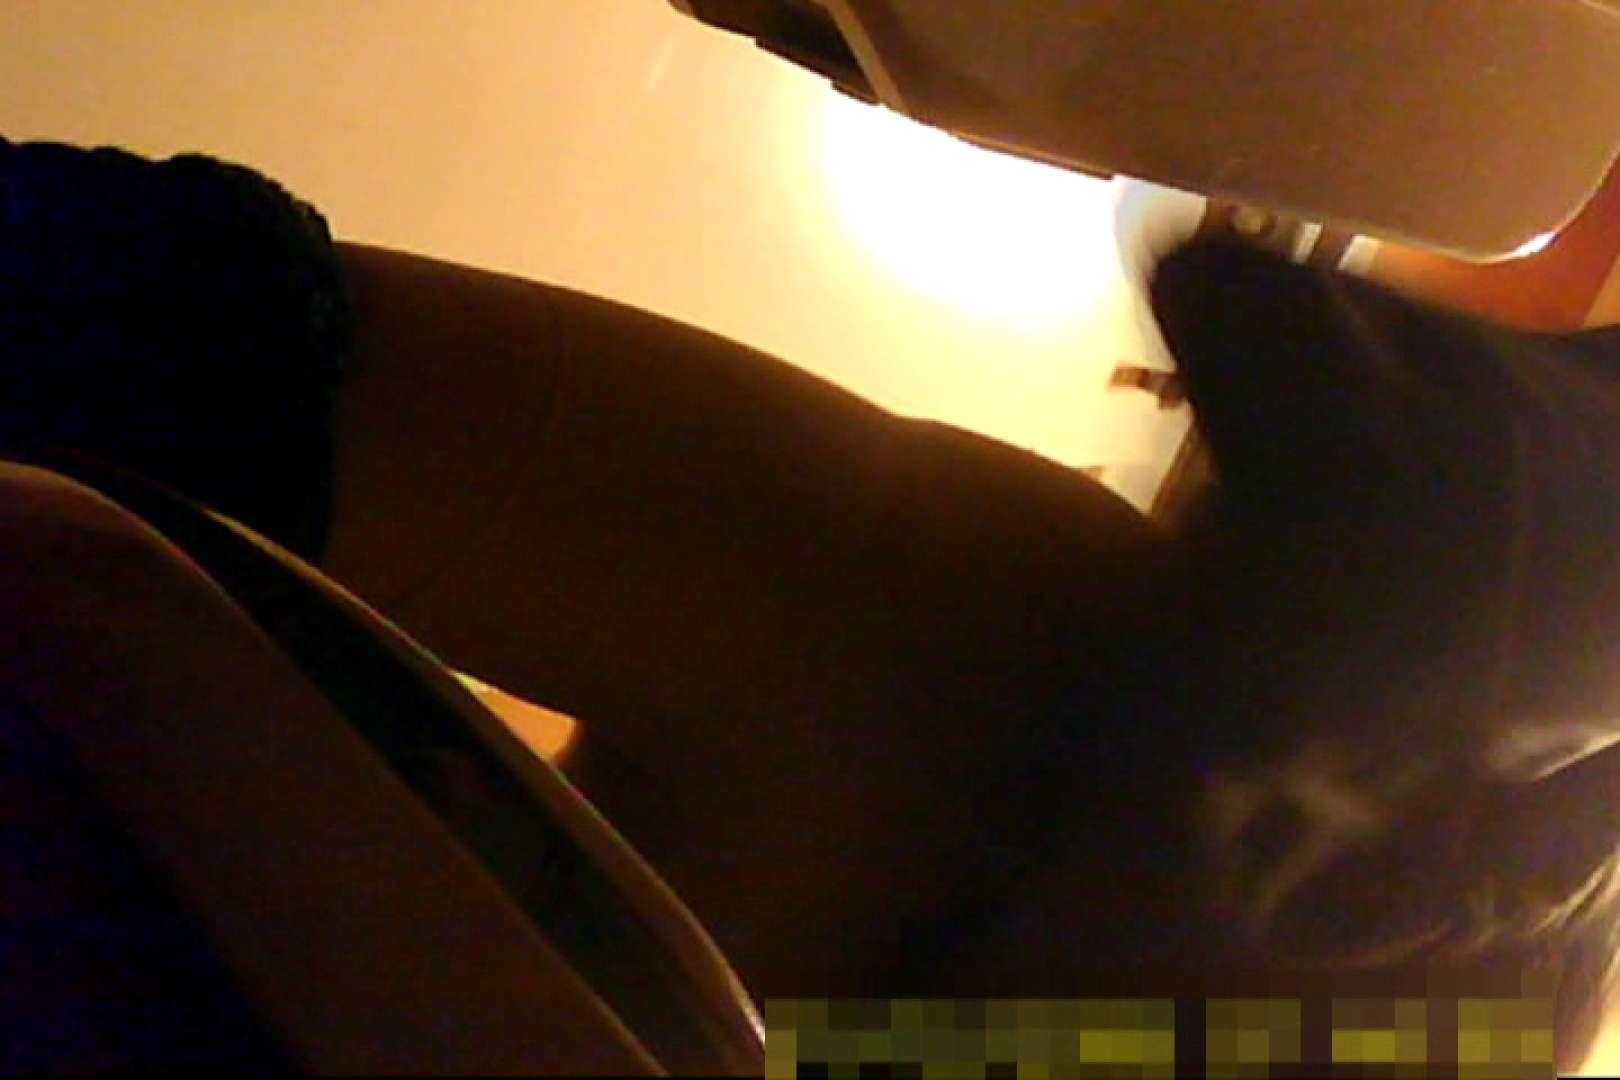 魅惑の化粧室~禁断のプライベート空間~vol.8 洗面所 セックス無修正動画無料 103pic 7